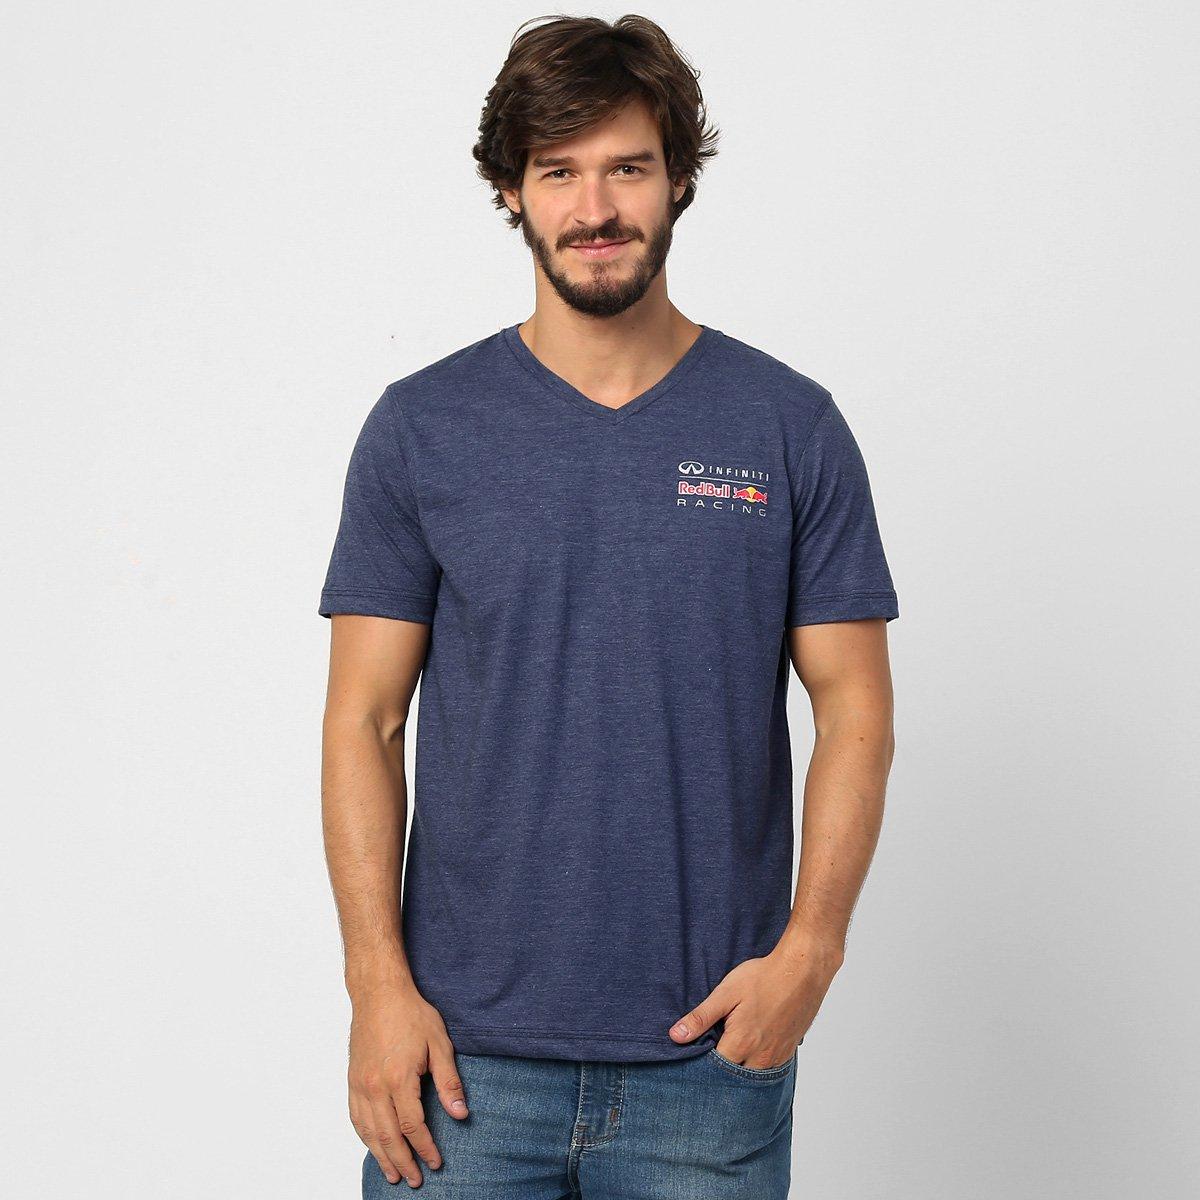 4c62a2bb4c2a8 Camiseta Red Bull - Compre Agora